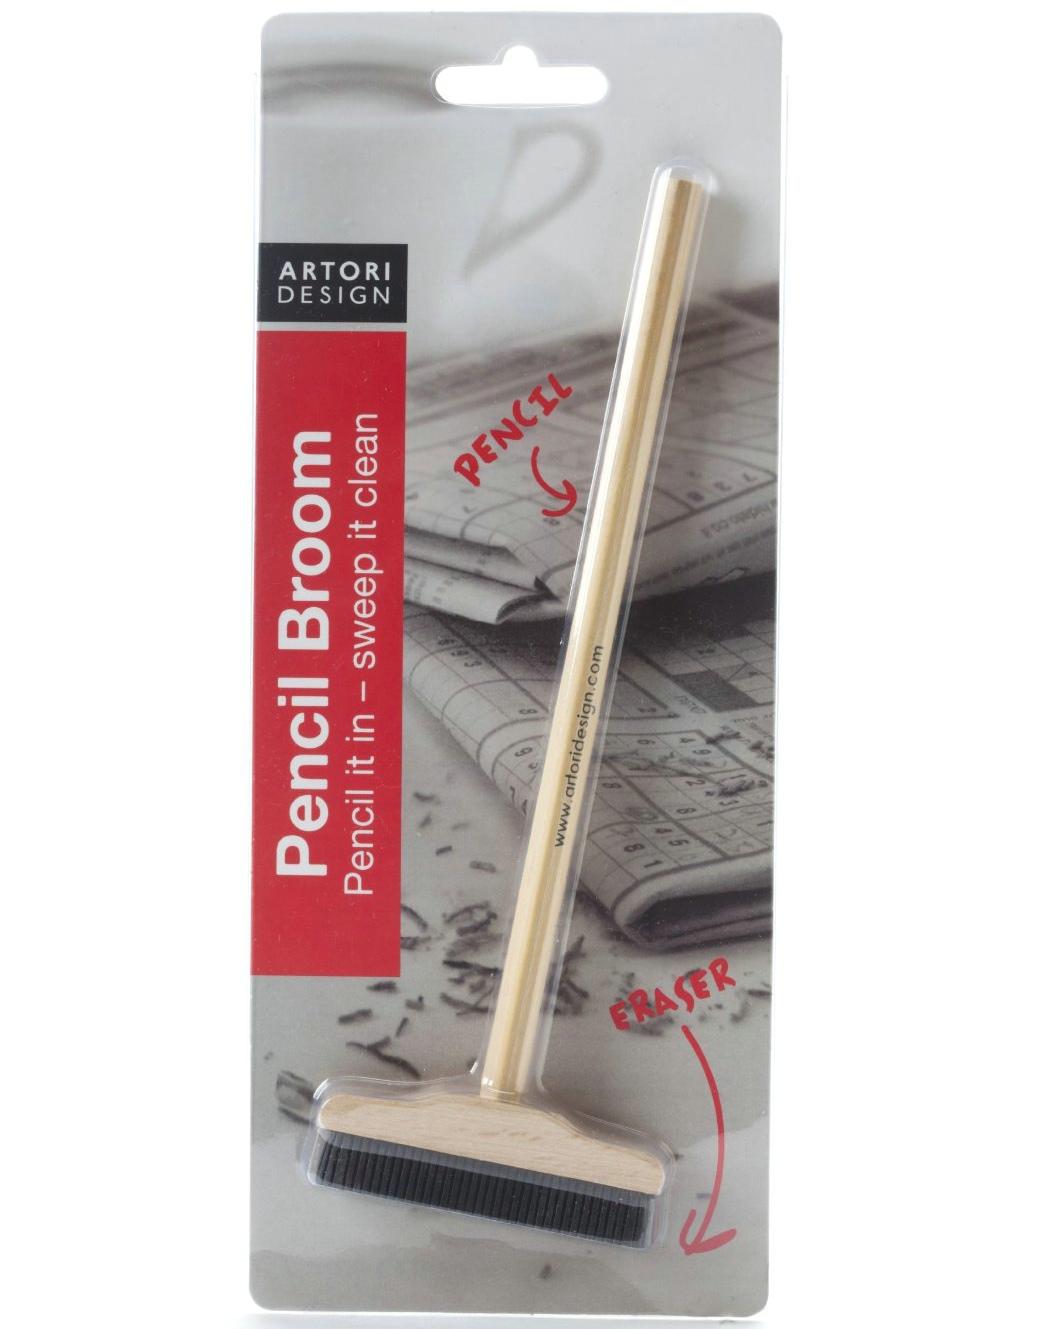 扫帚铅笔/Pencil Broom